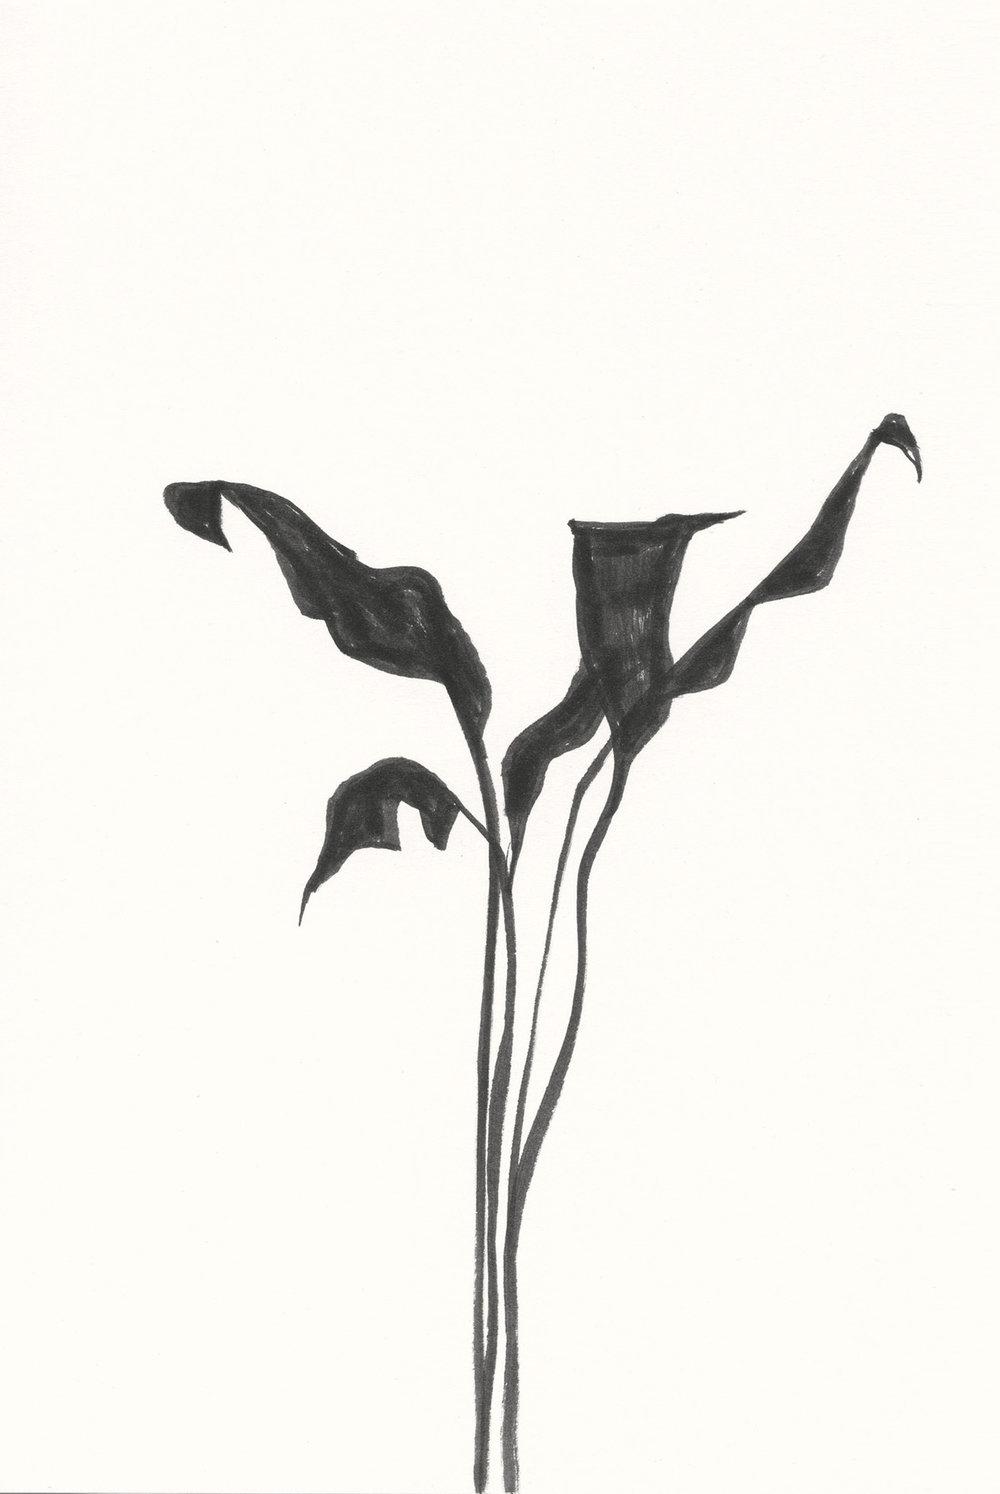 Plant #16